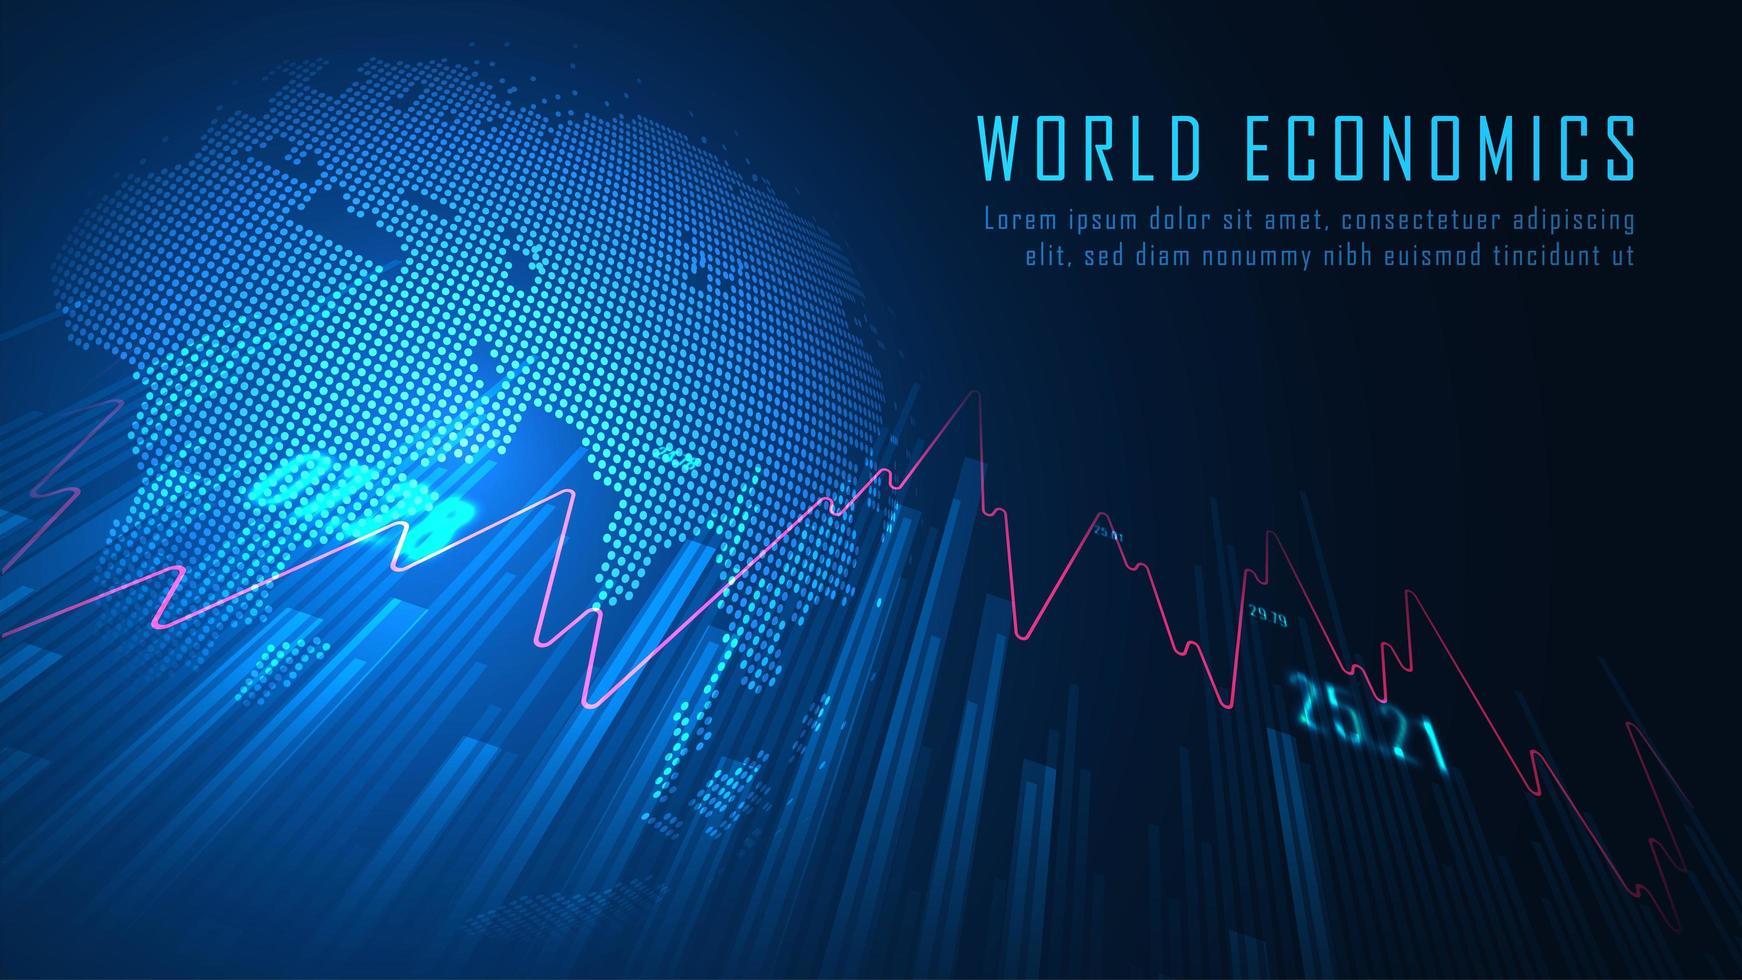 diseño azul brillante de economía mundial vector